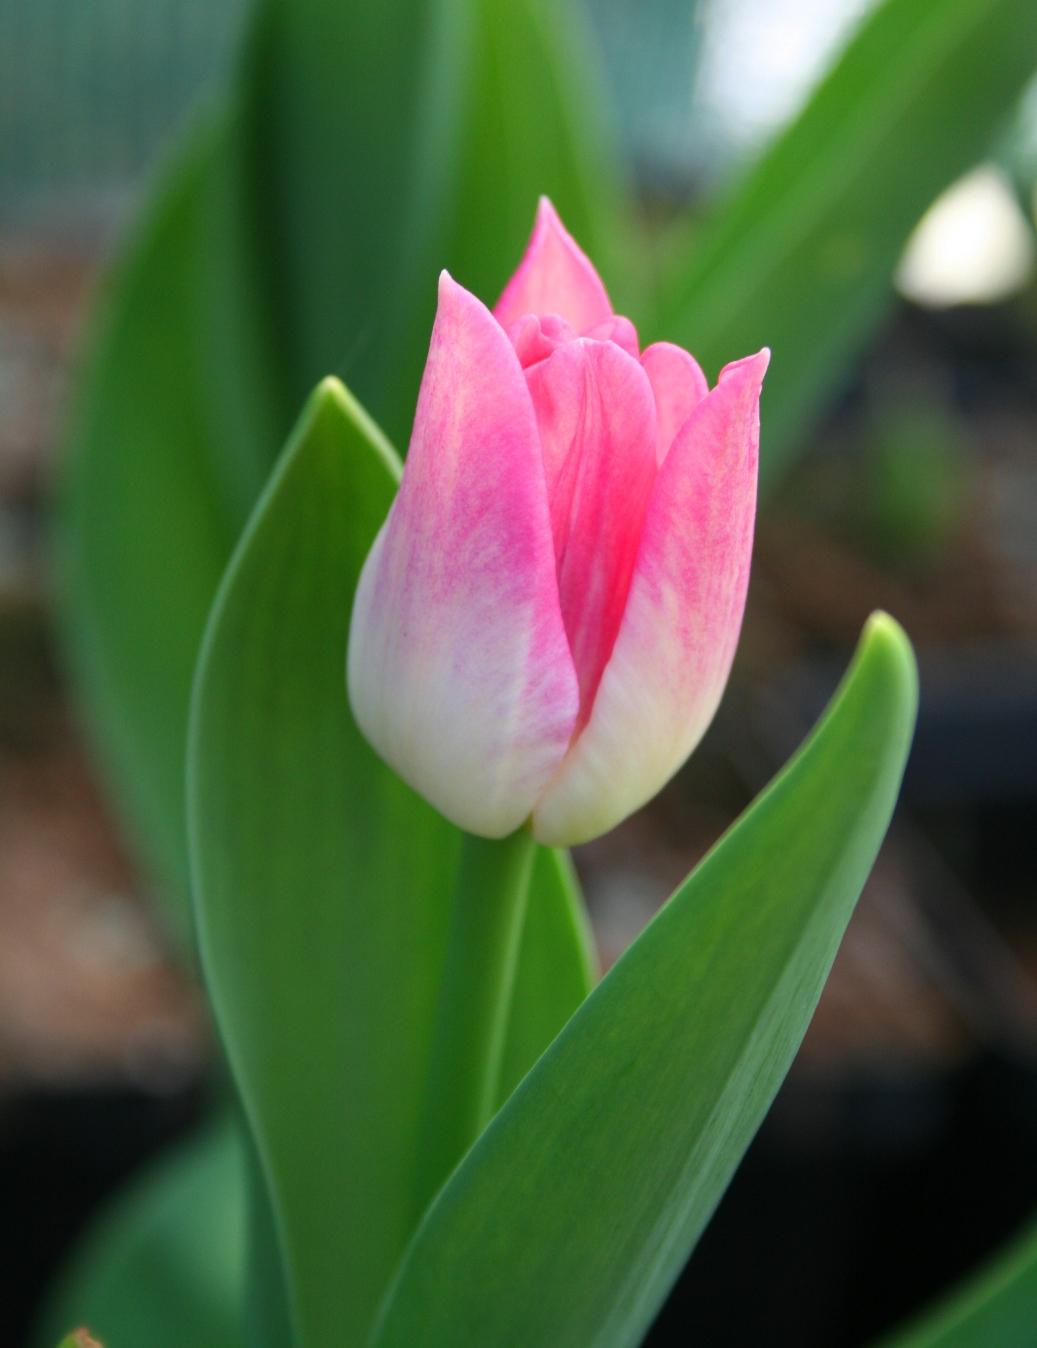 Tulipan Picture Tulipa Picture Rośliny Ozdobne Krzewy Ozdobne Szk 243 łka Ogrodnicza